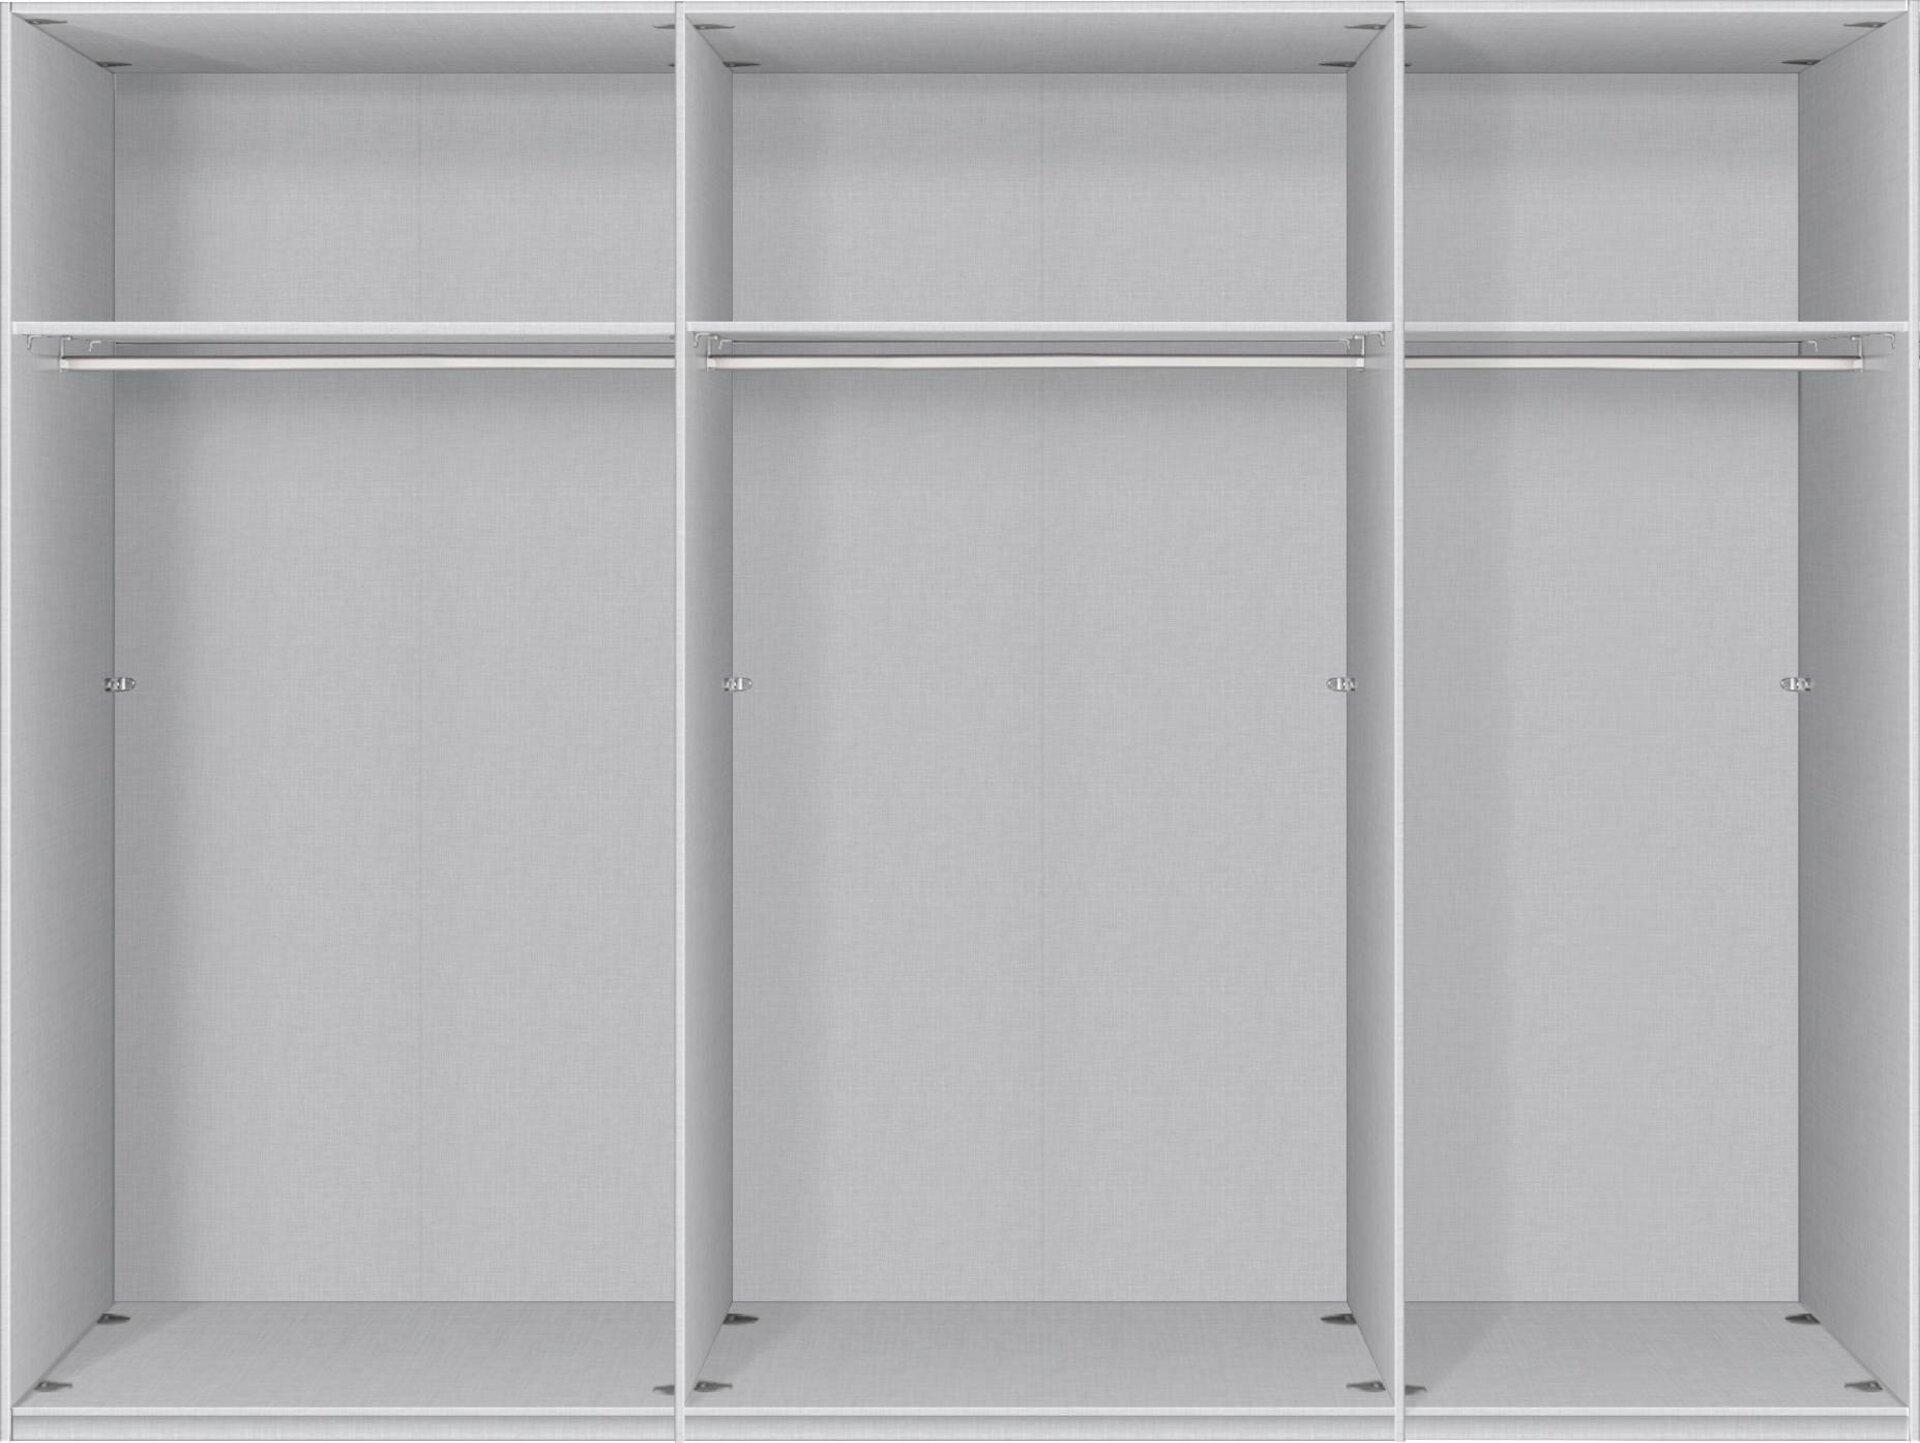 Korpusvariante 2,75m